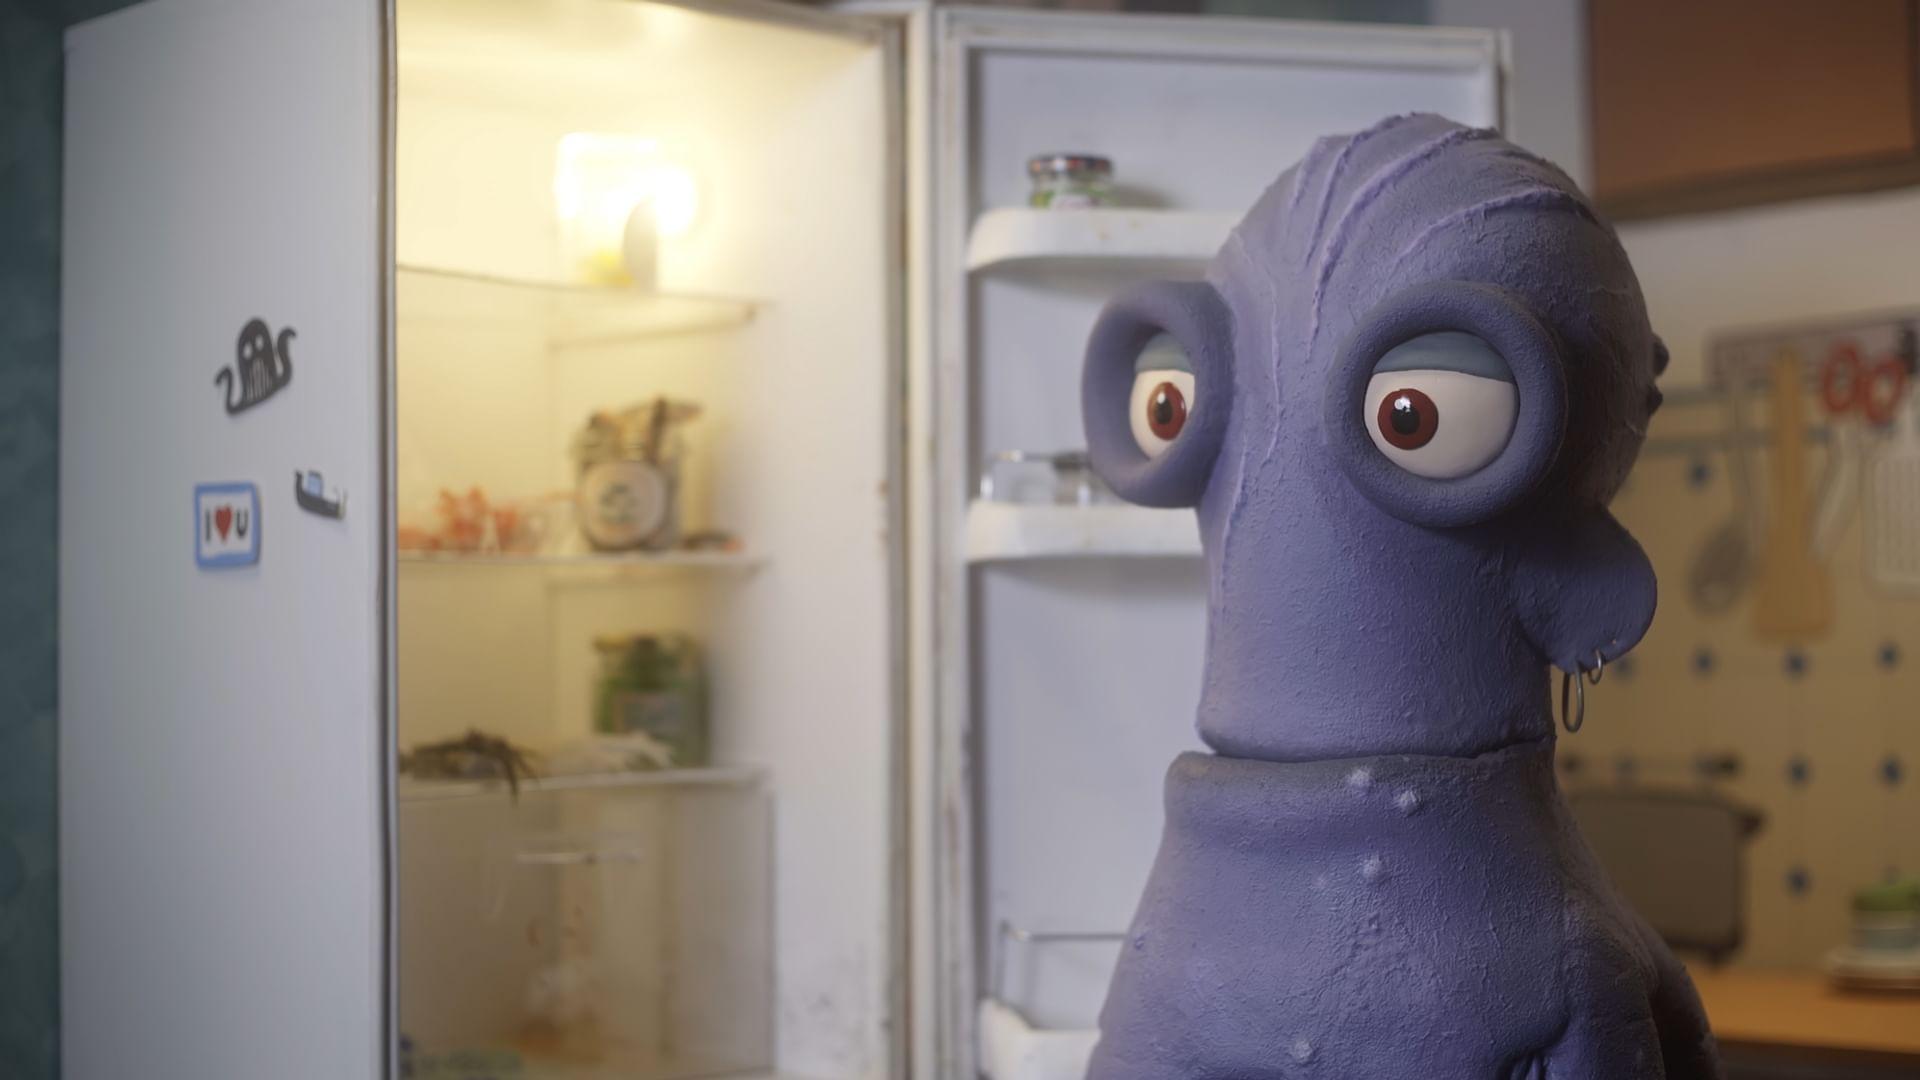 Wer war zuletzt am Kühlschrank?